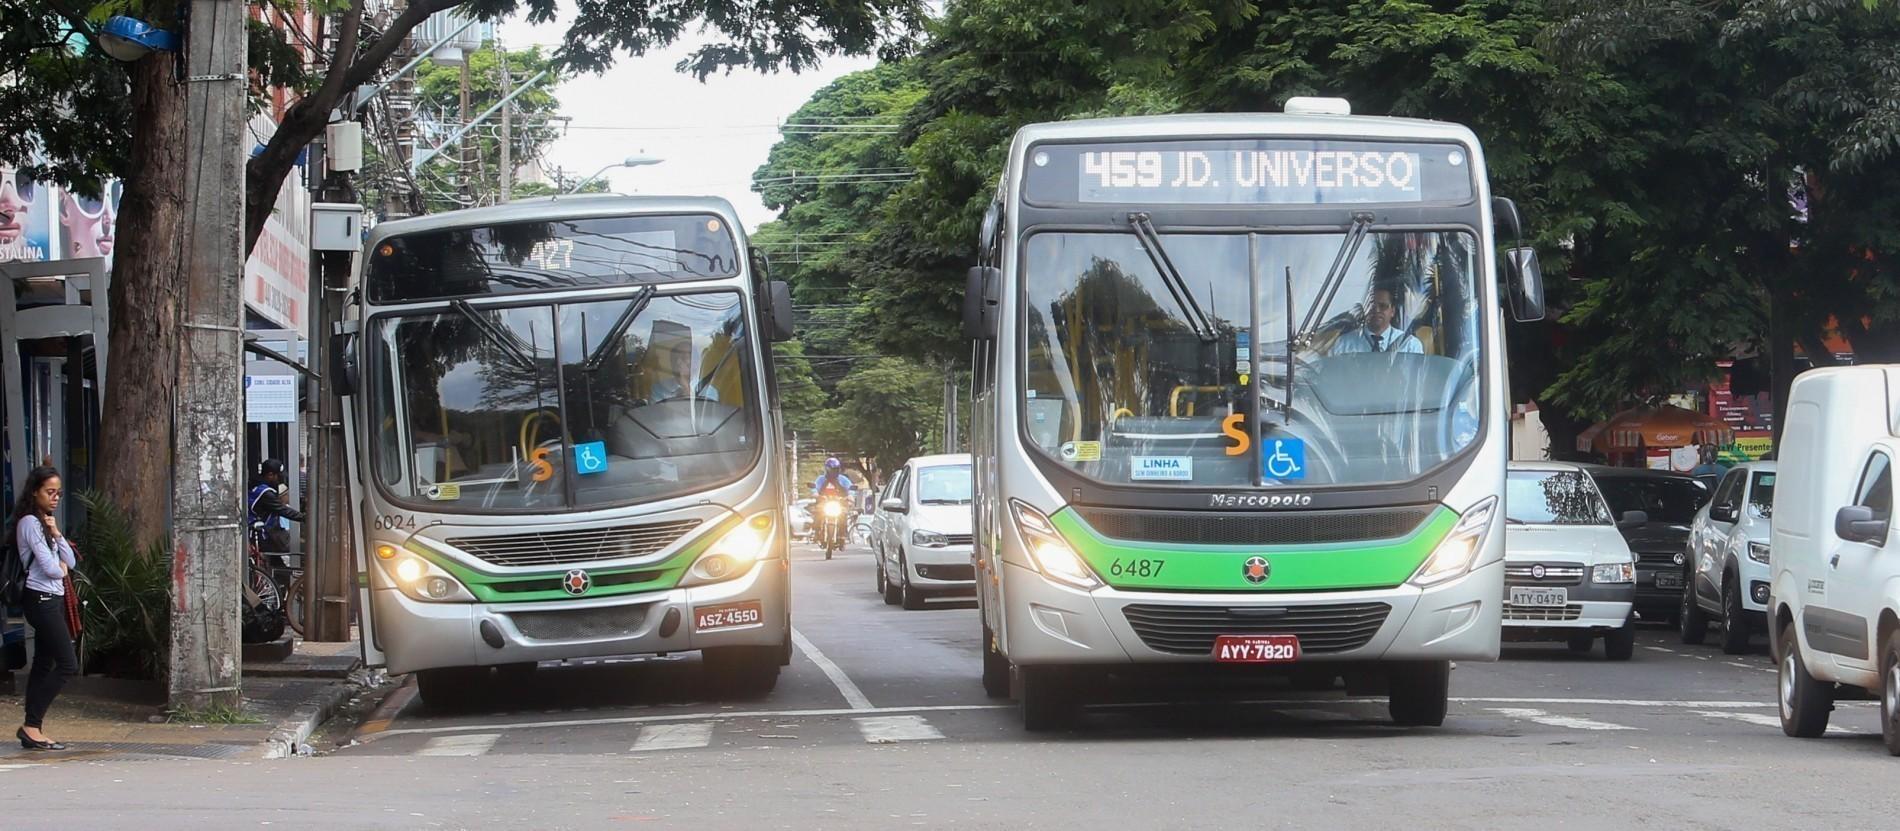 Greve do transporte começa à meia-noite de terça-feira (15)